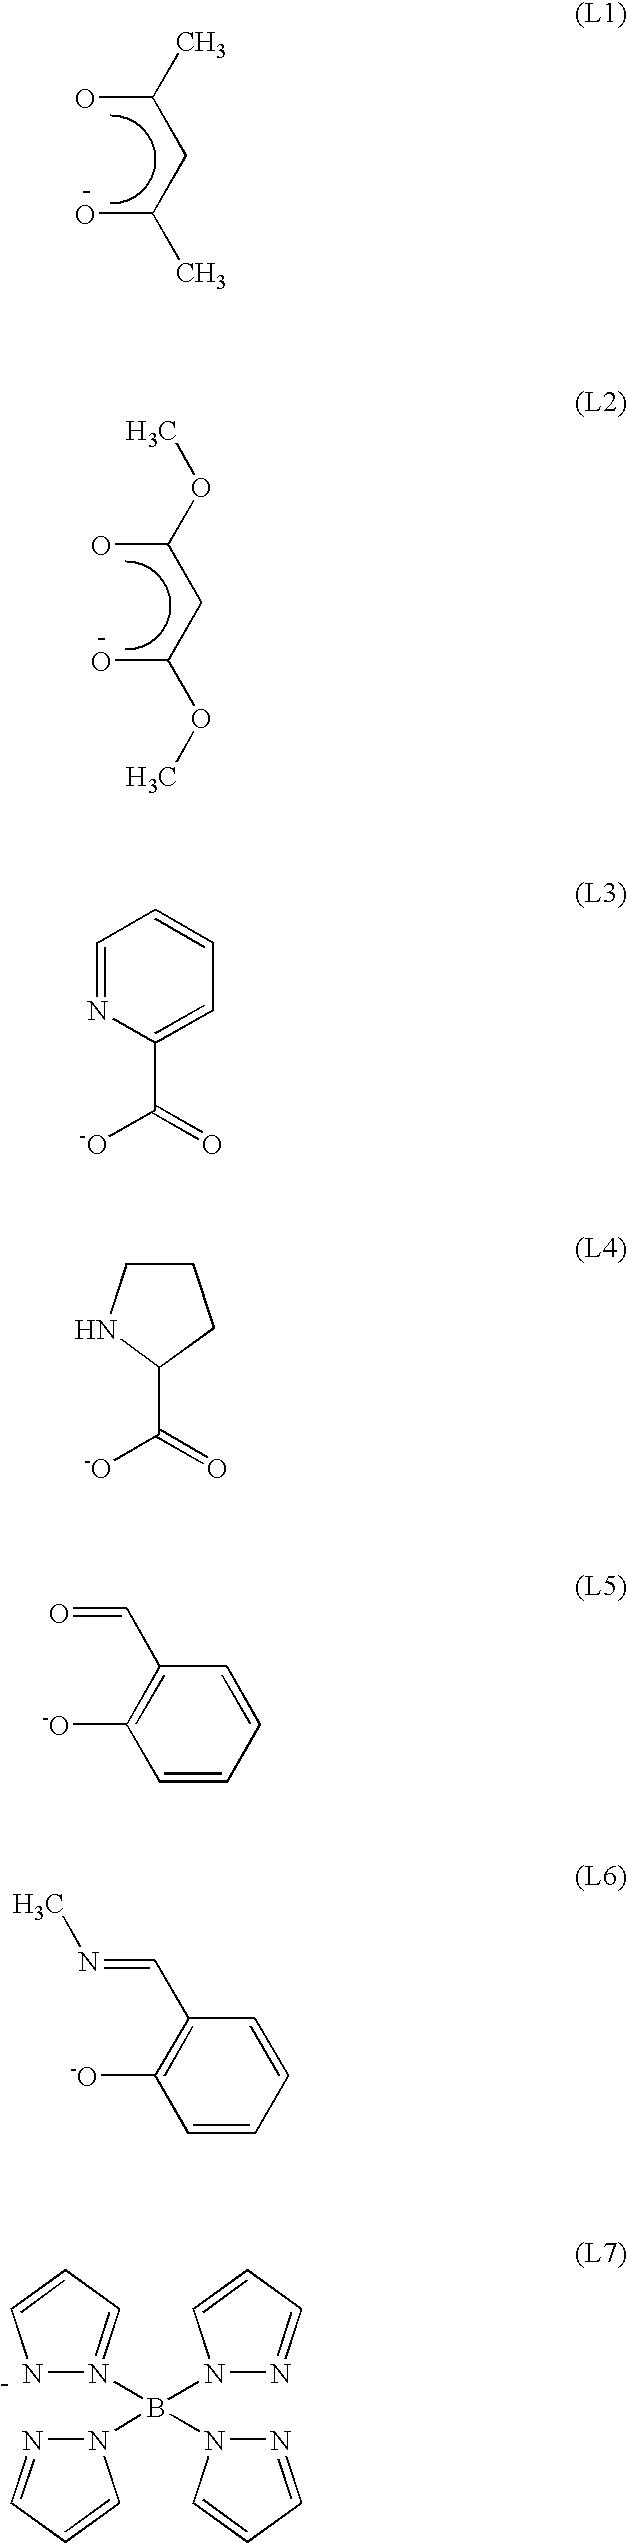 Figure US08053980-20111108-C00029